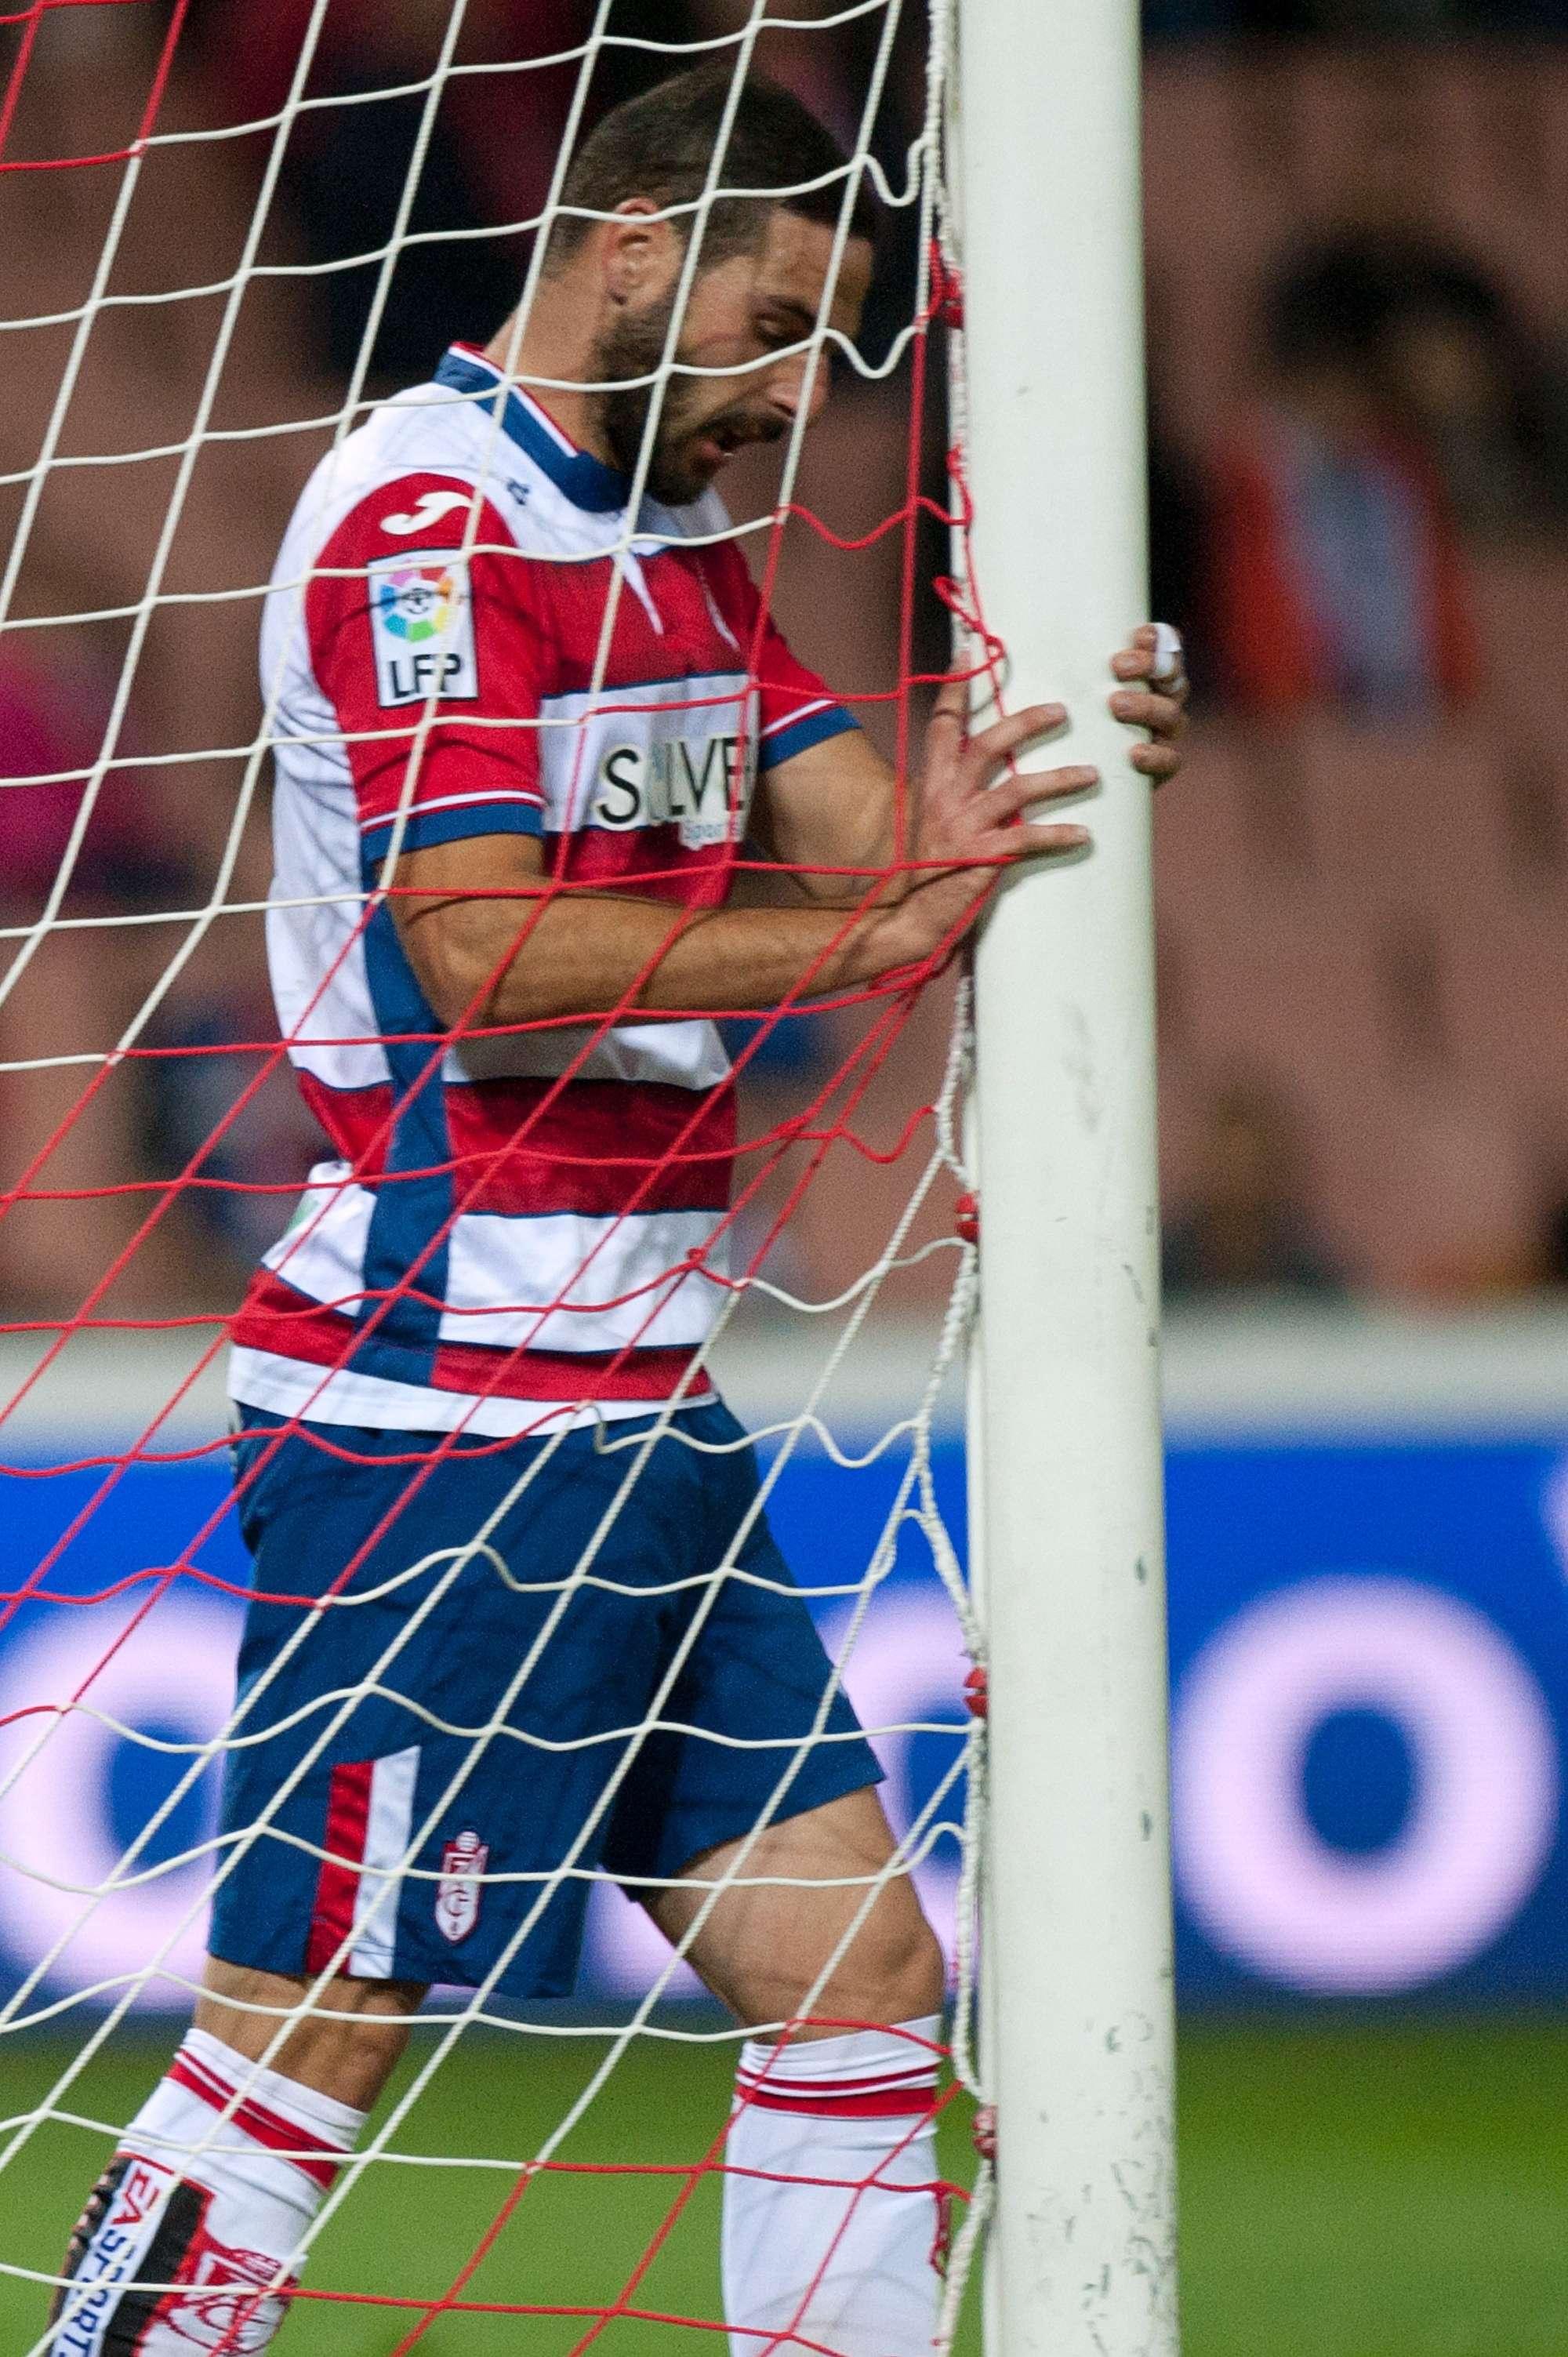 David Rodriguez (Granada) raccoglie un pallone in rete dopo il gol subito nel match con l'Atletico Madrid